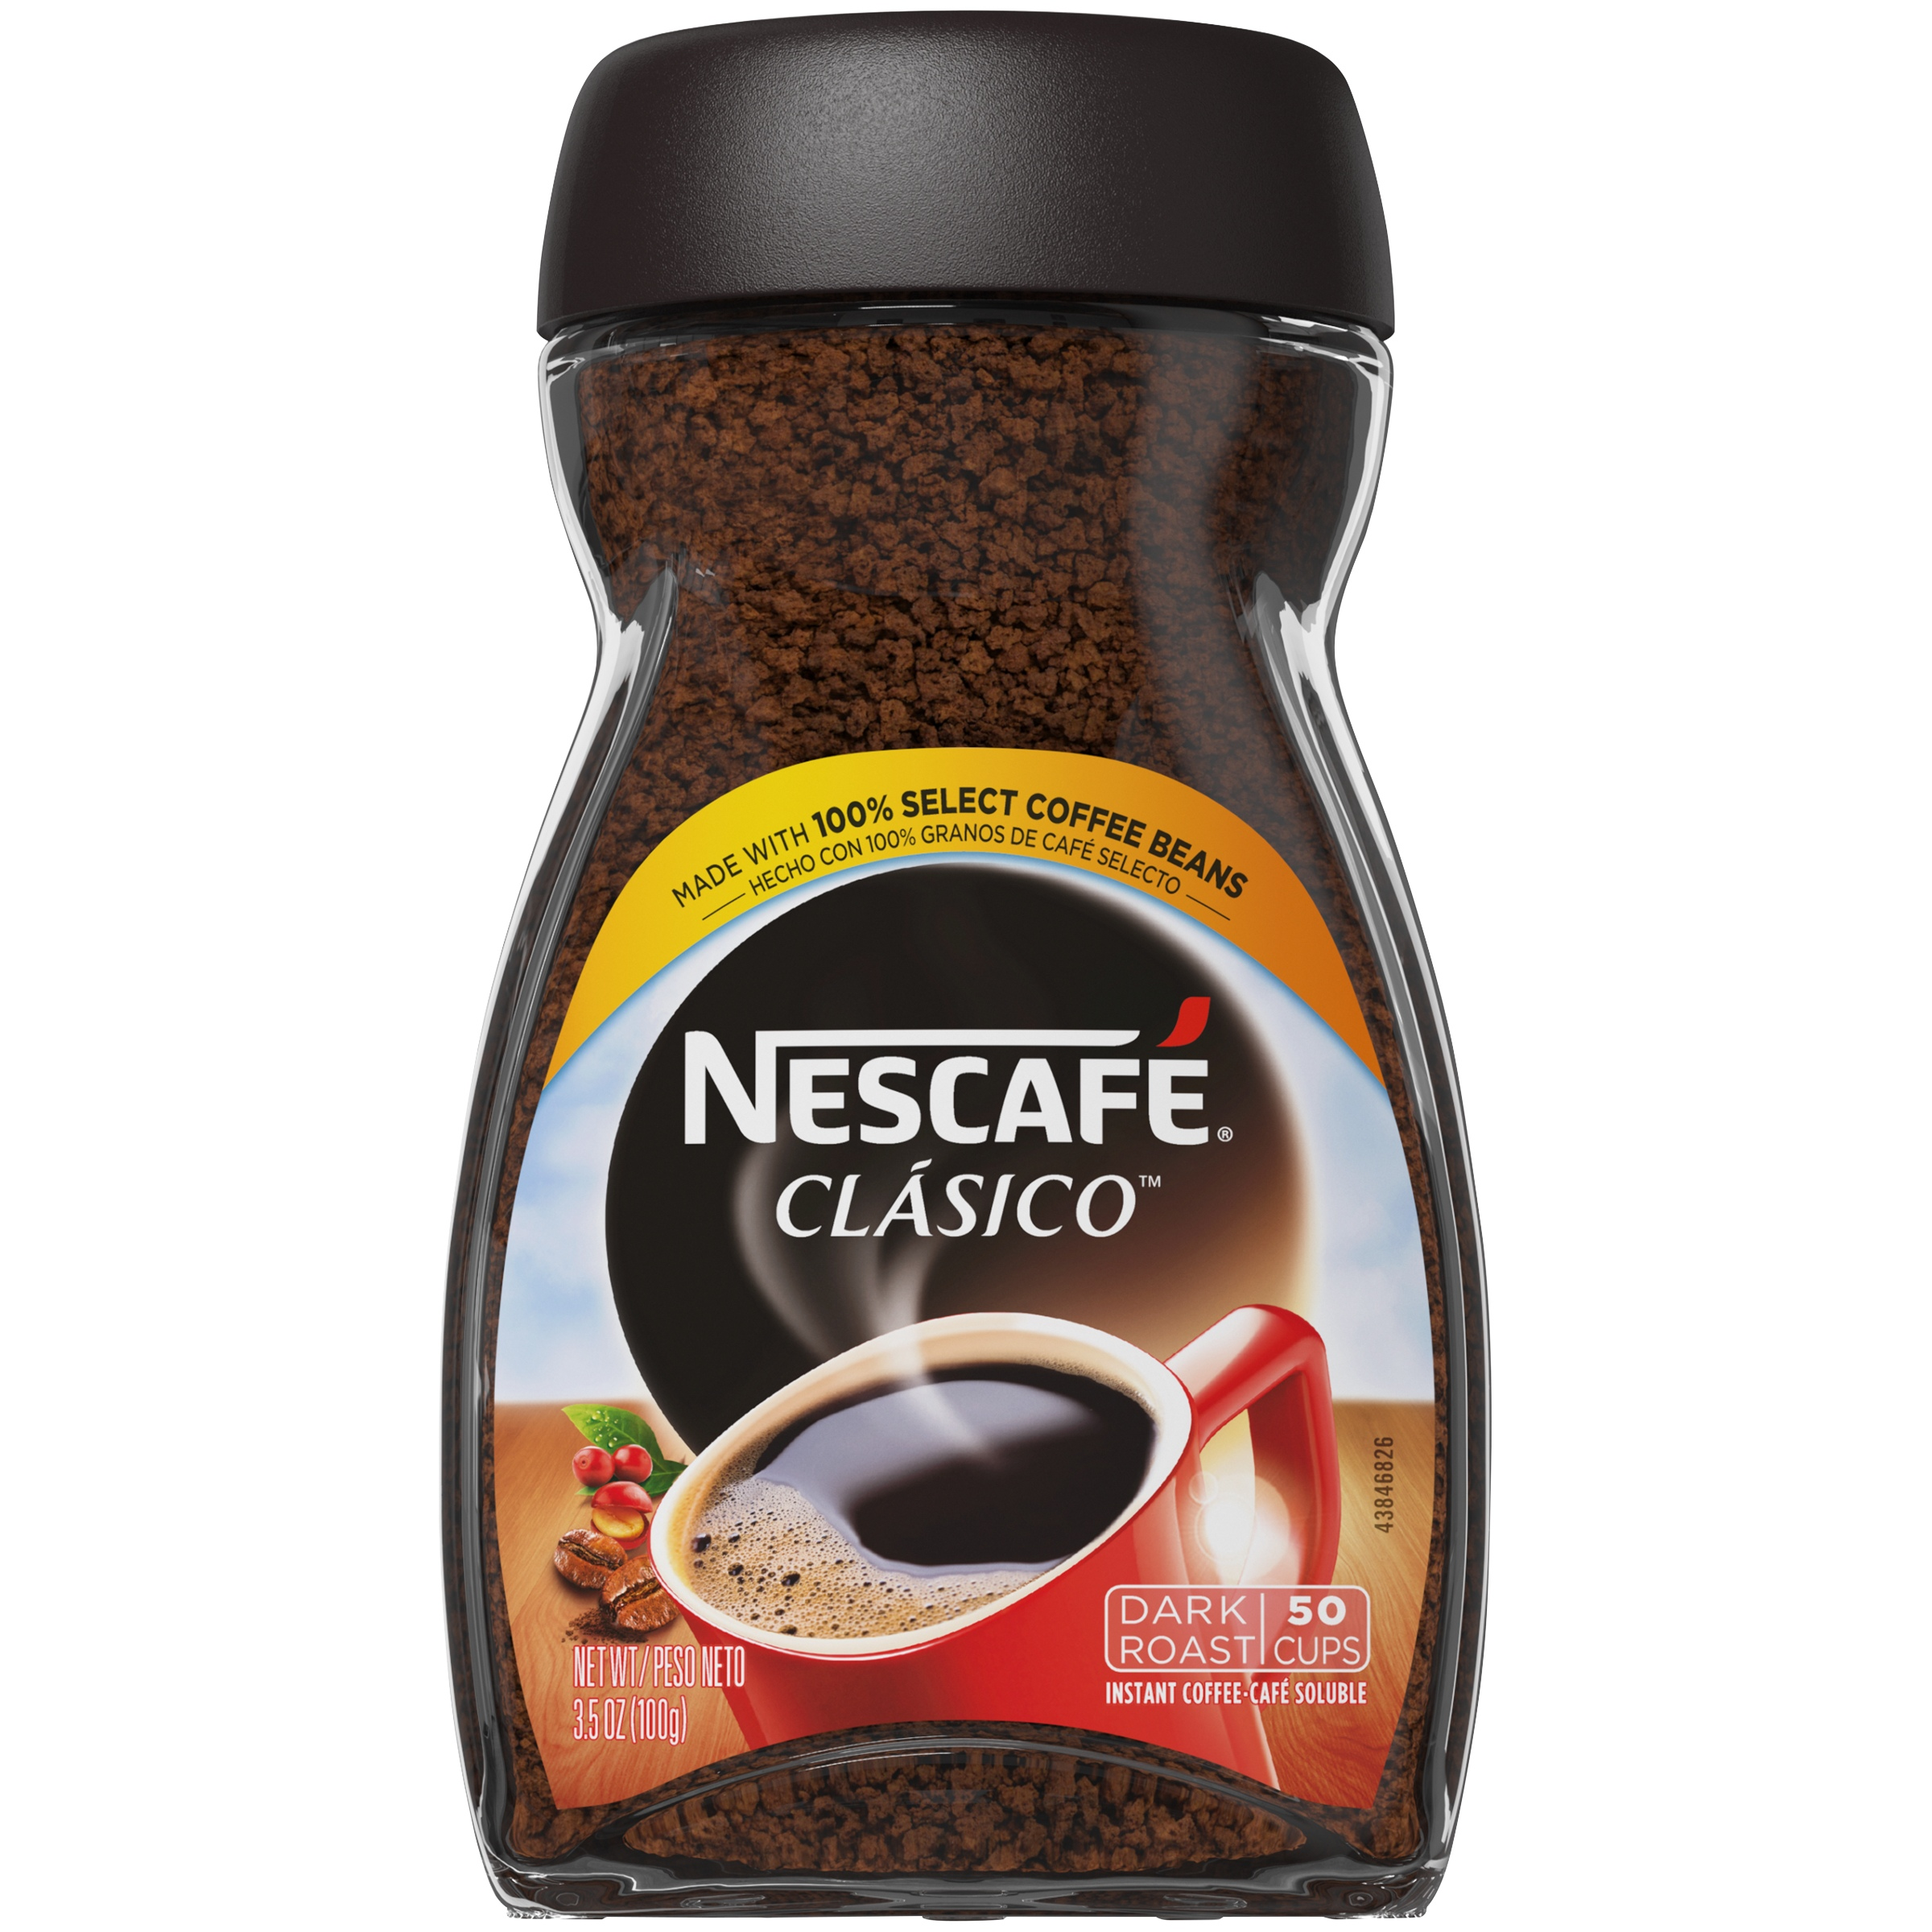 NESCAFE Clasico Dark Roast Instant Coffee 3.5 OZ